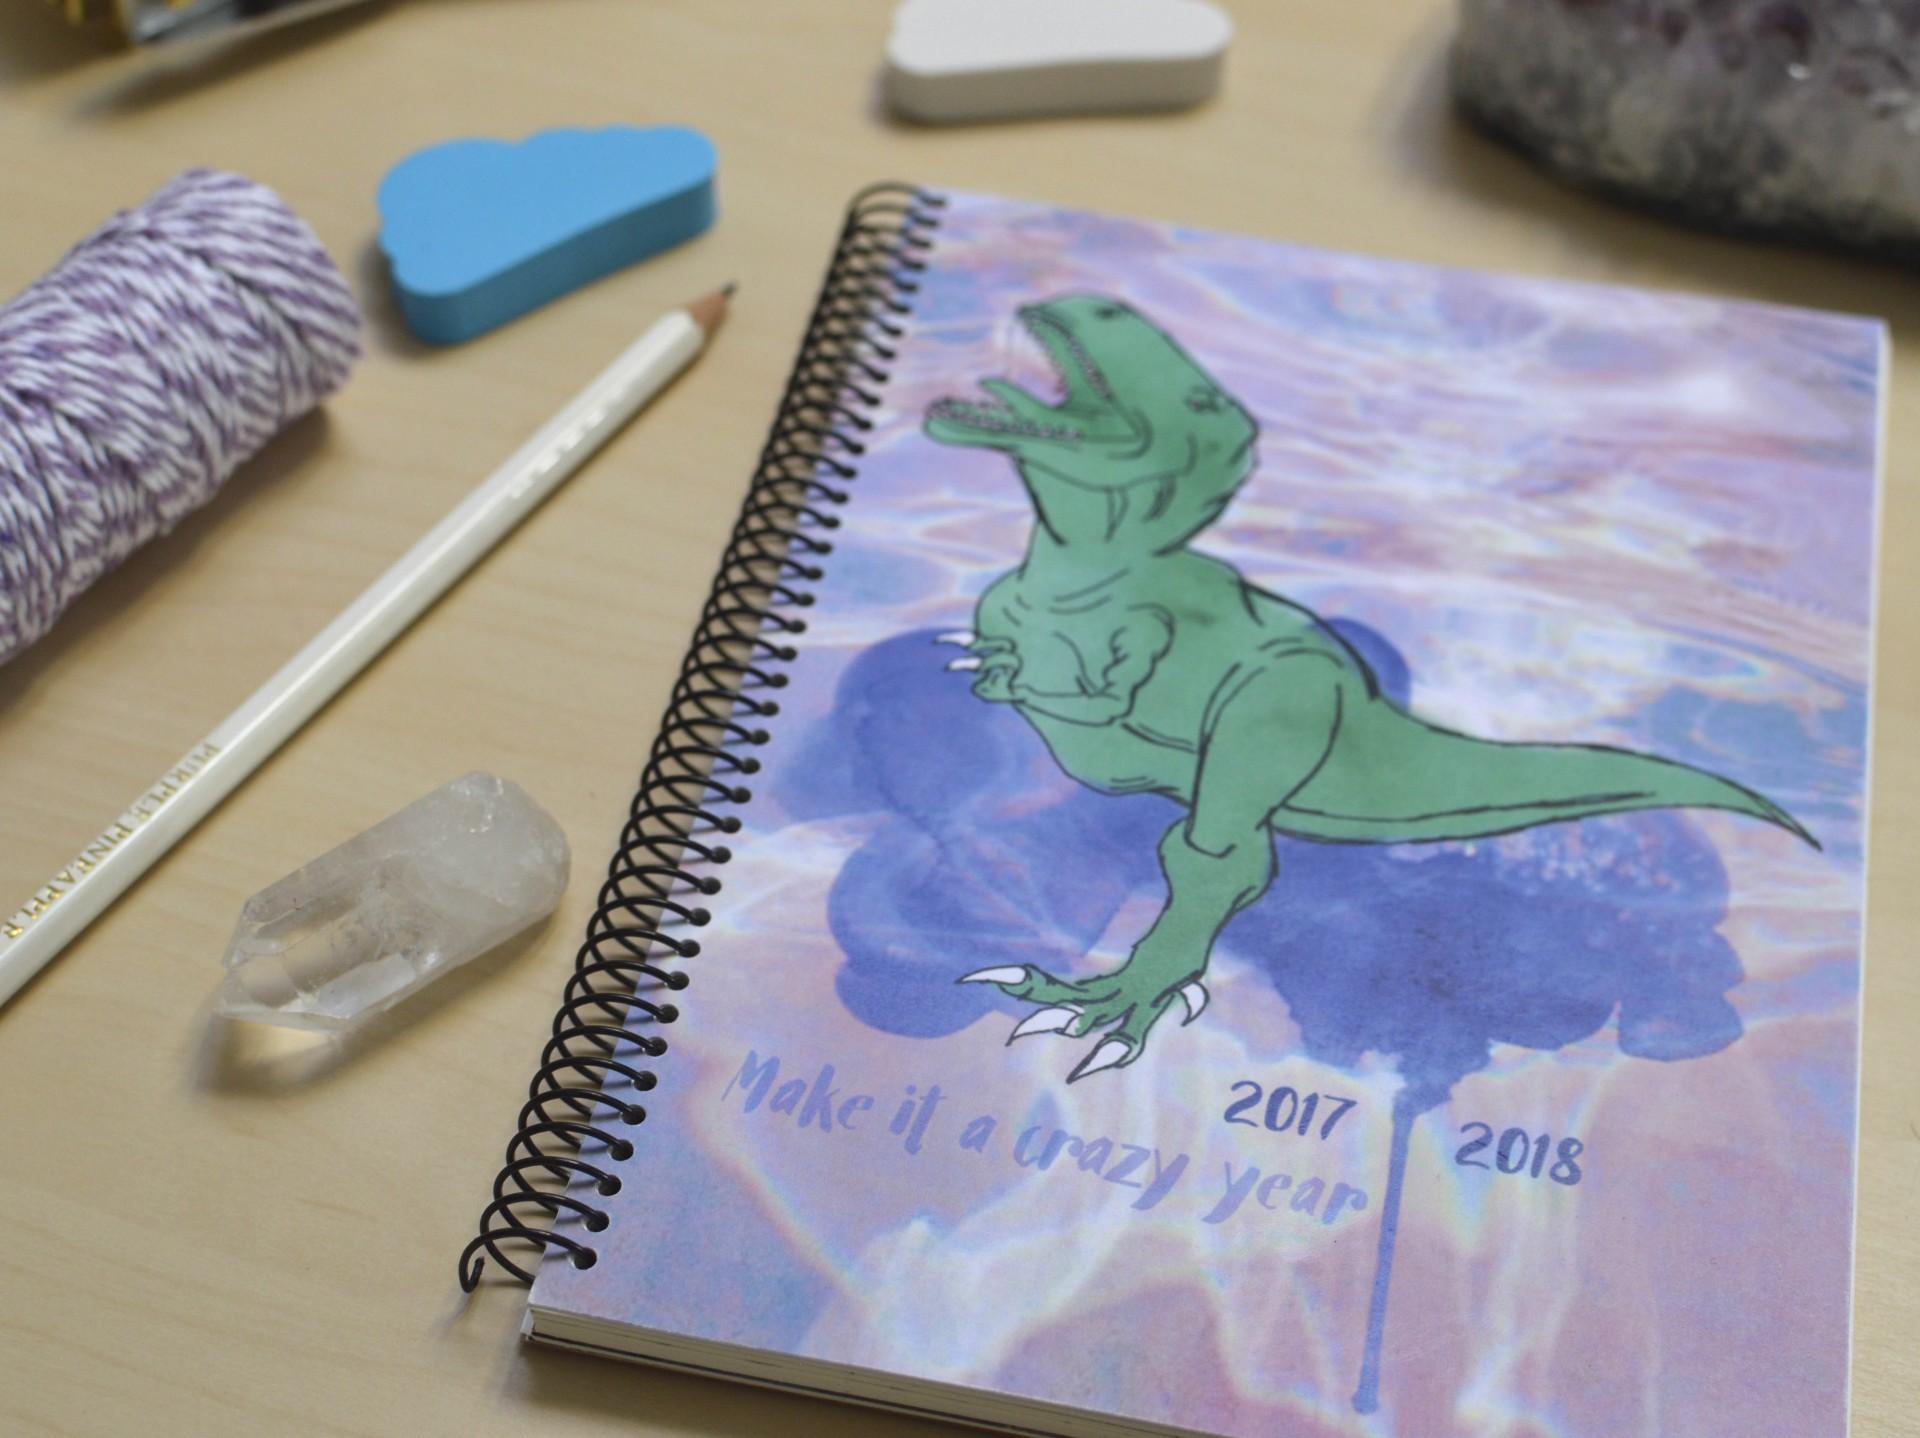 T - Rex . Make it a crazy year!